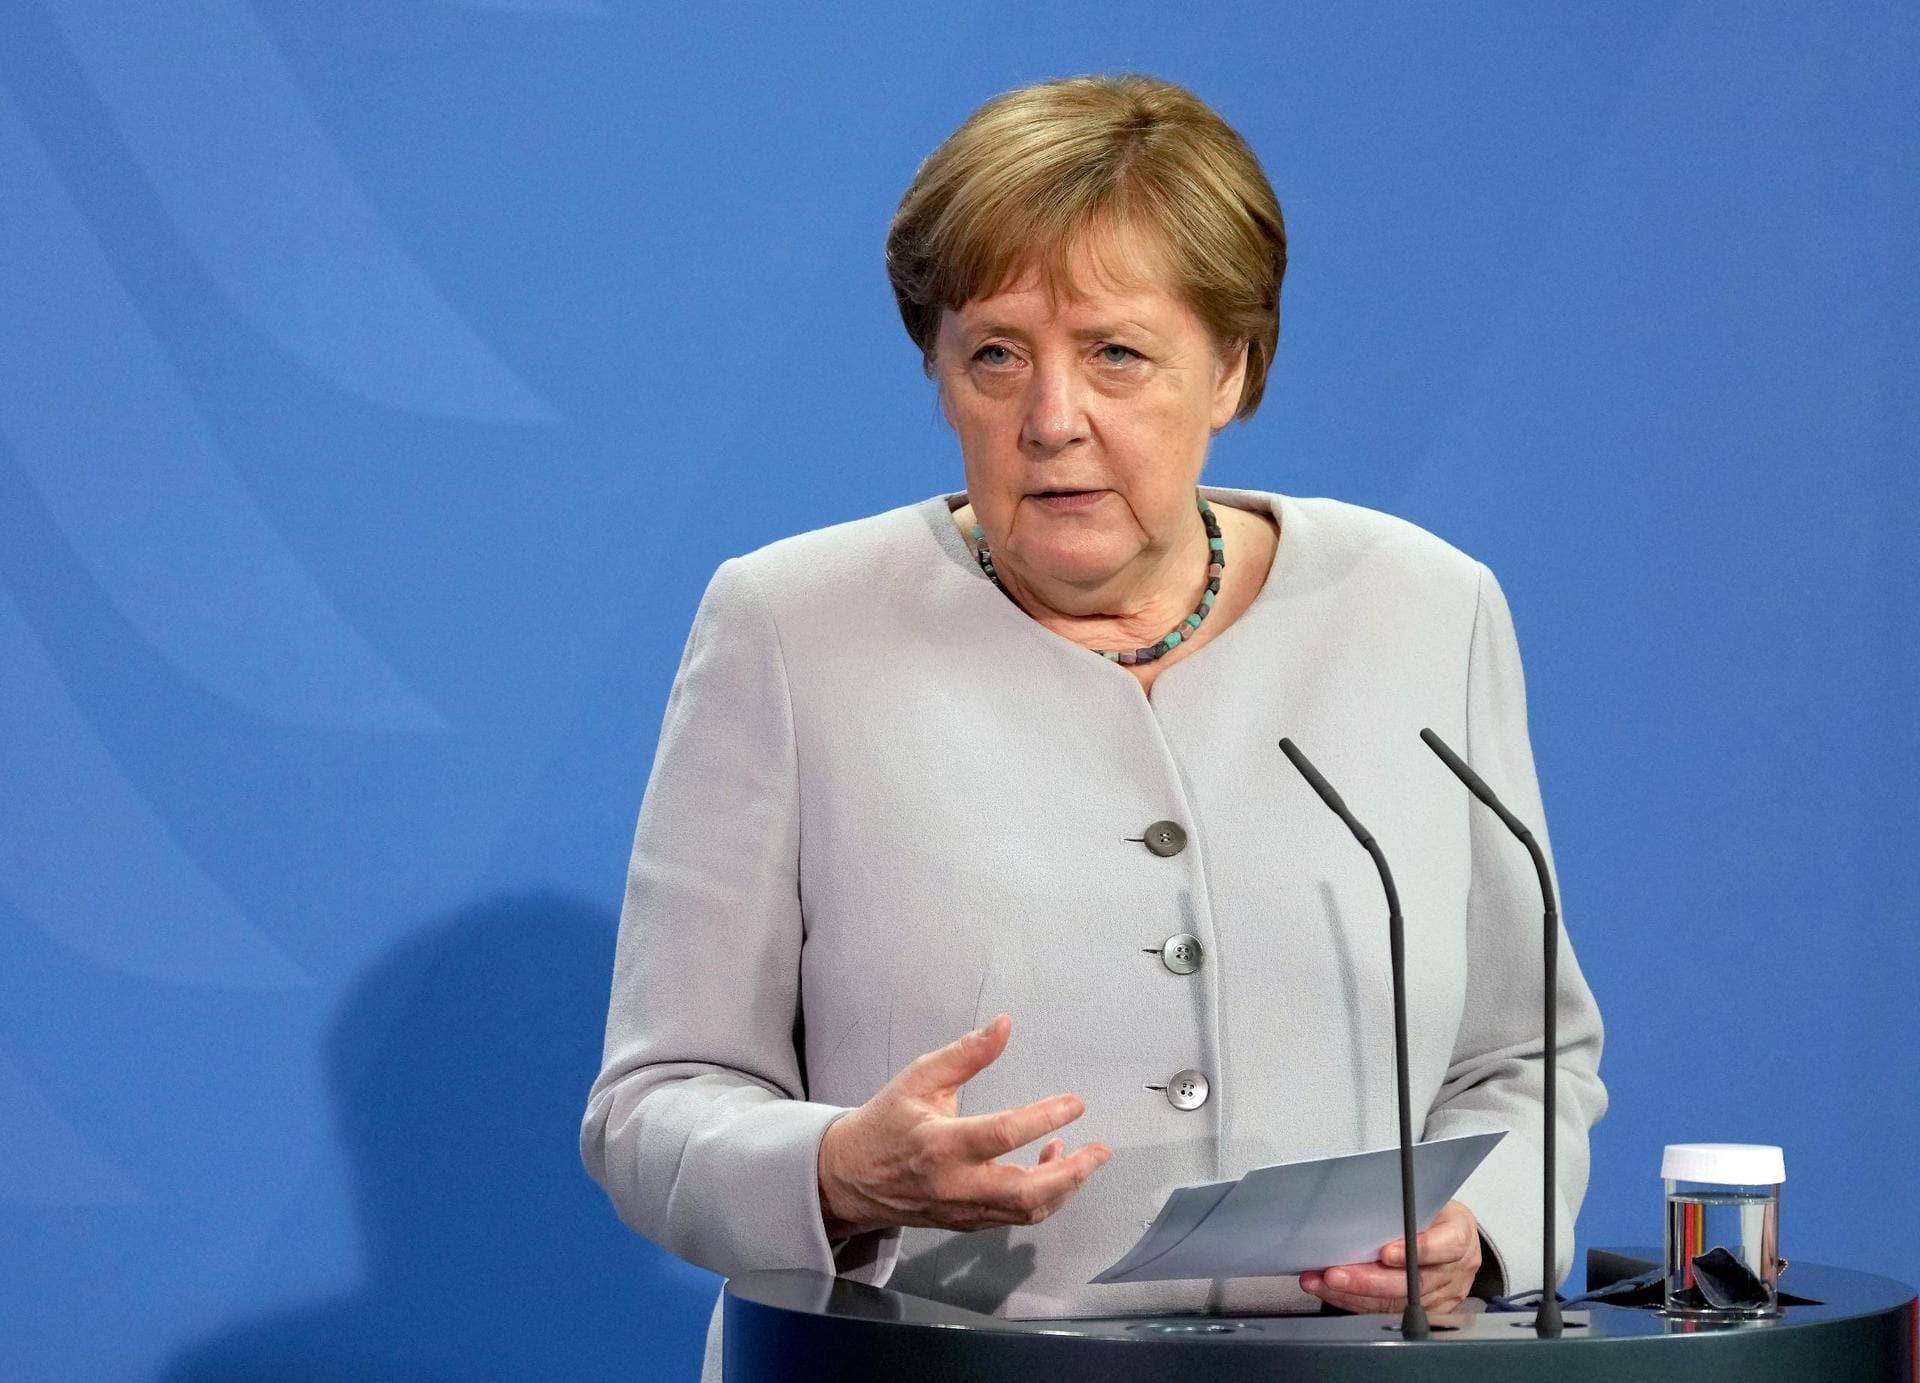 Merkels wohl letzte Regierungserklärung im Bundestag Kanzlerin